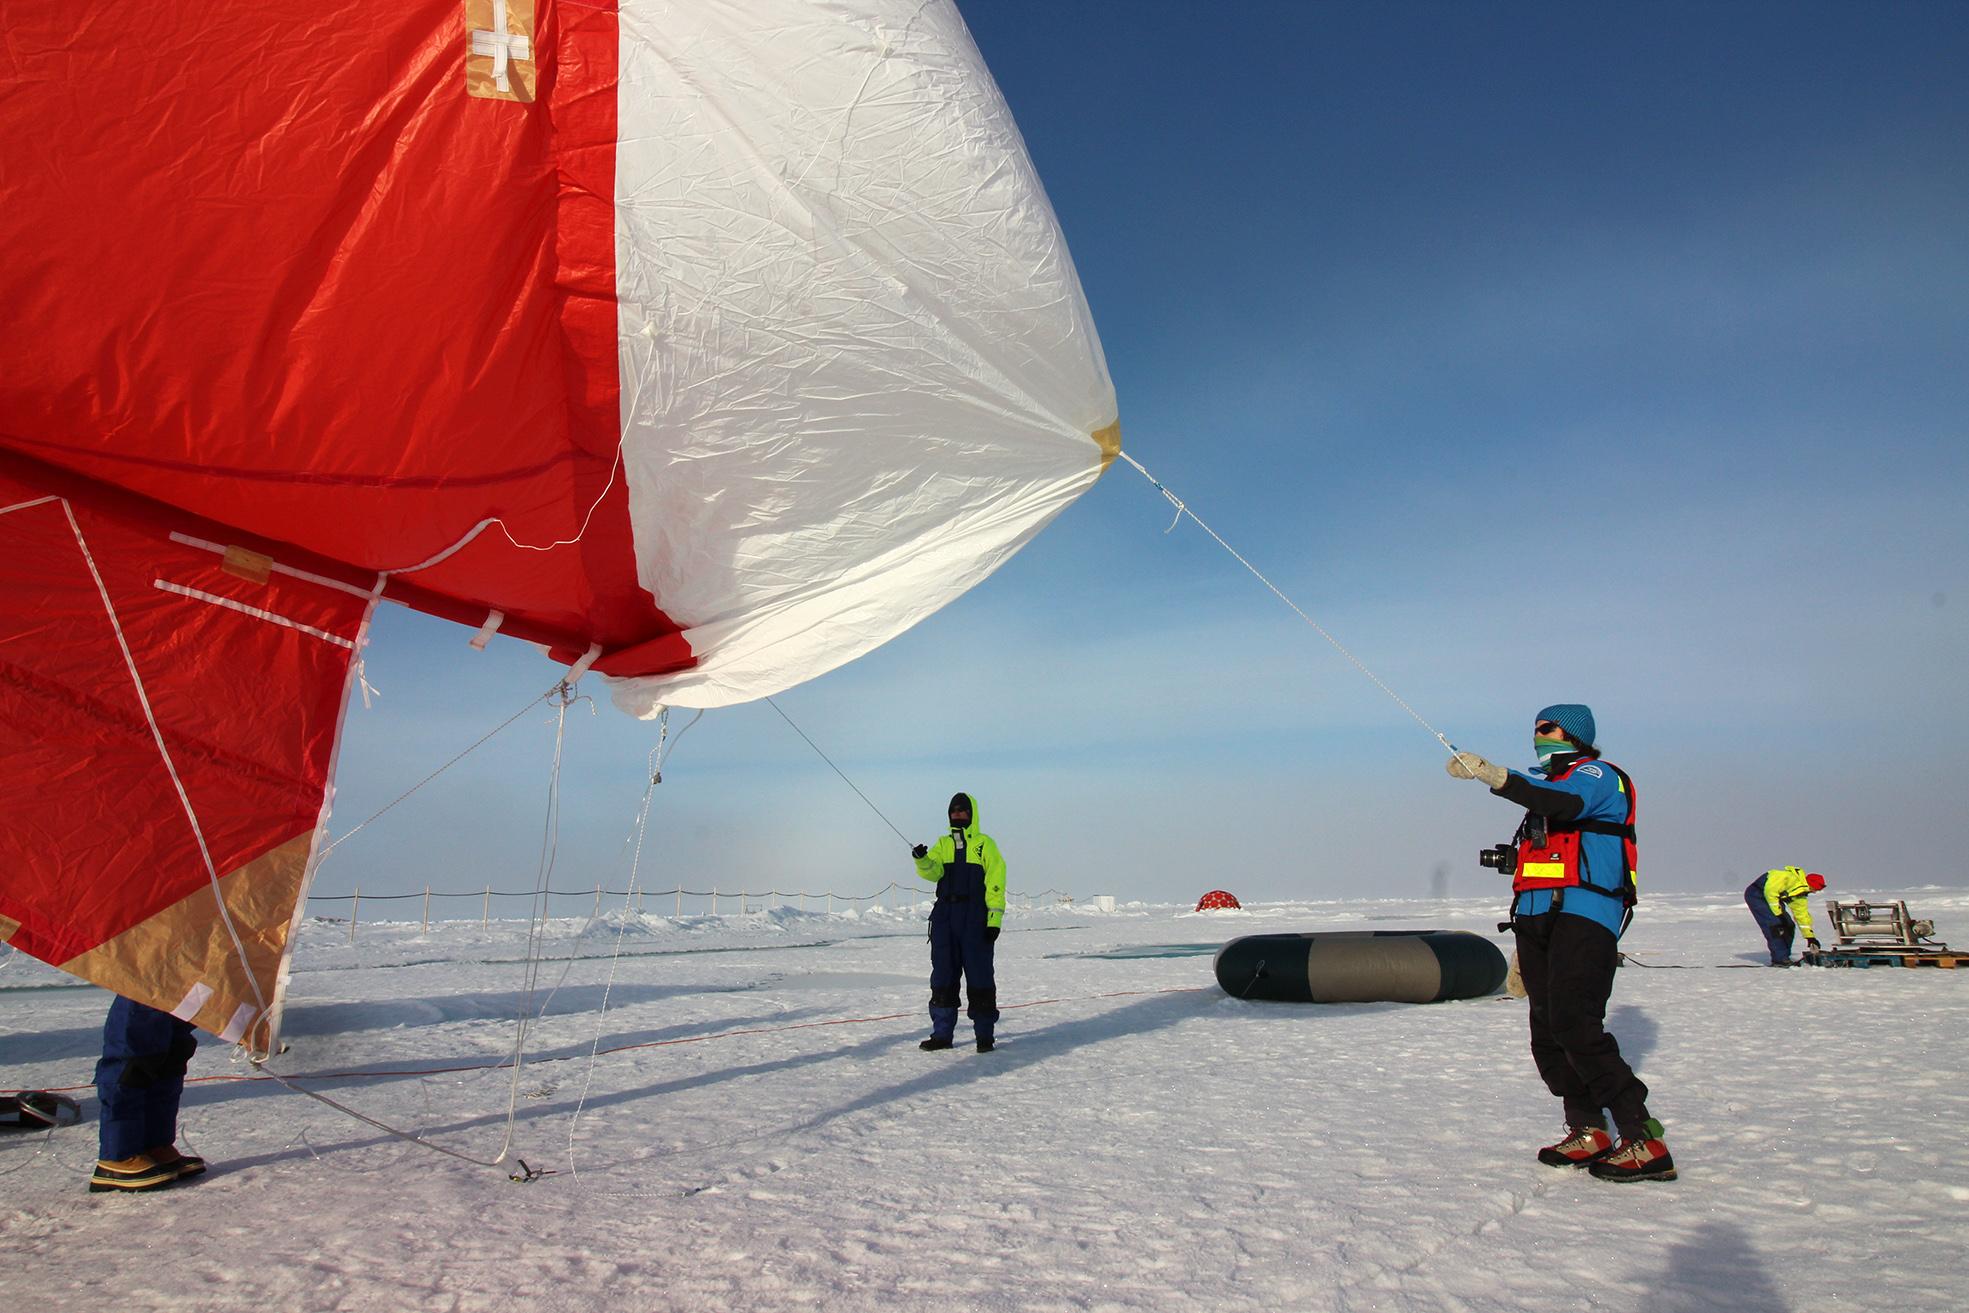 Ballongen blåses upp för att samla in molndroppar. Efter expeditionen sker DNA-analys för att se från vilka marina mikroorganismer sockermolekylerna och proteinerna i molnen kommer från. Foto: Julika Zinke